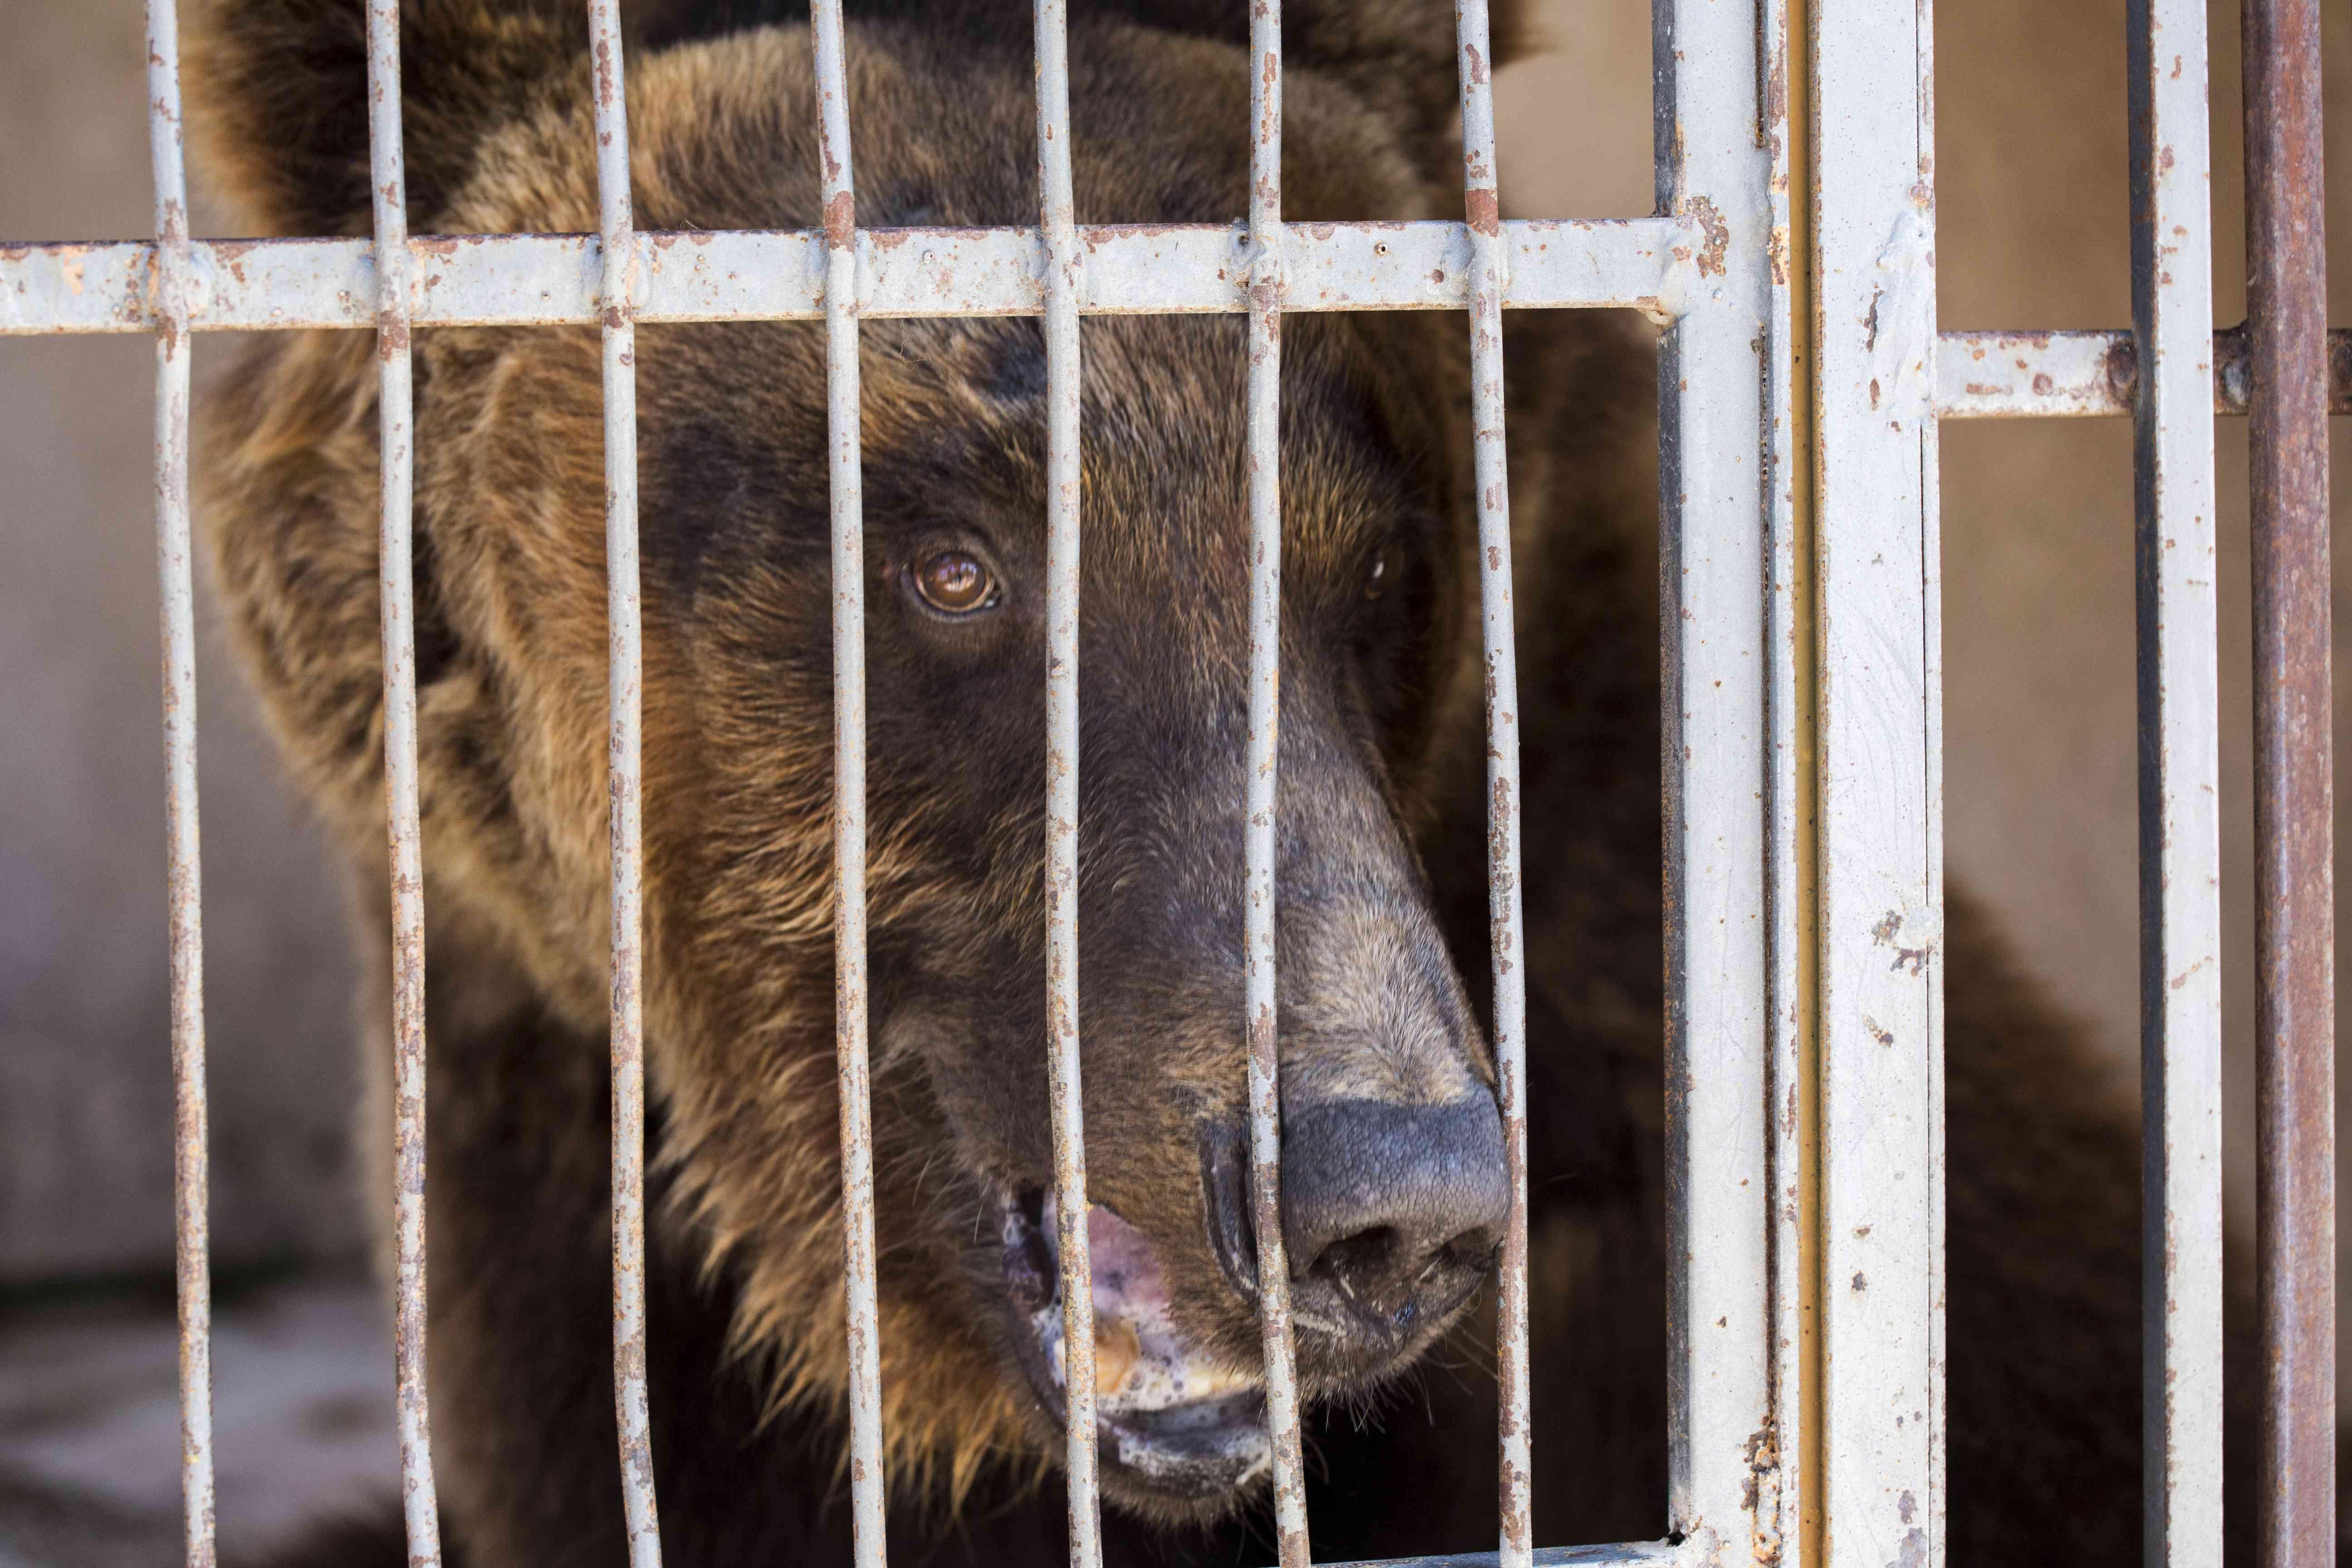 rescued bear